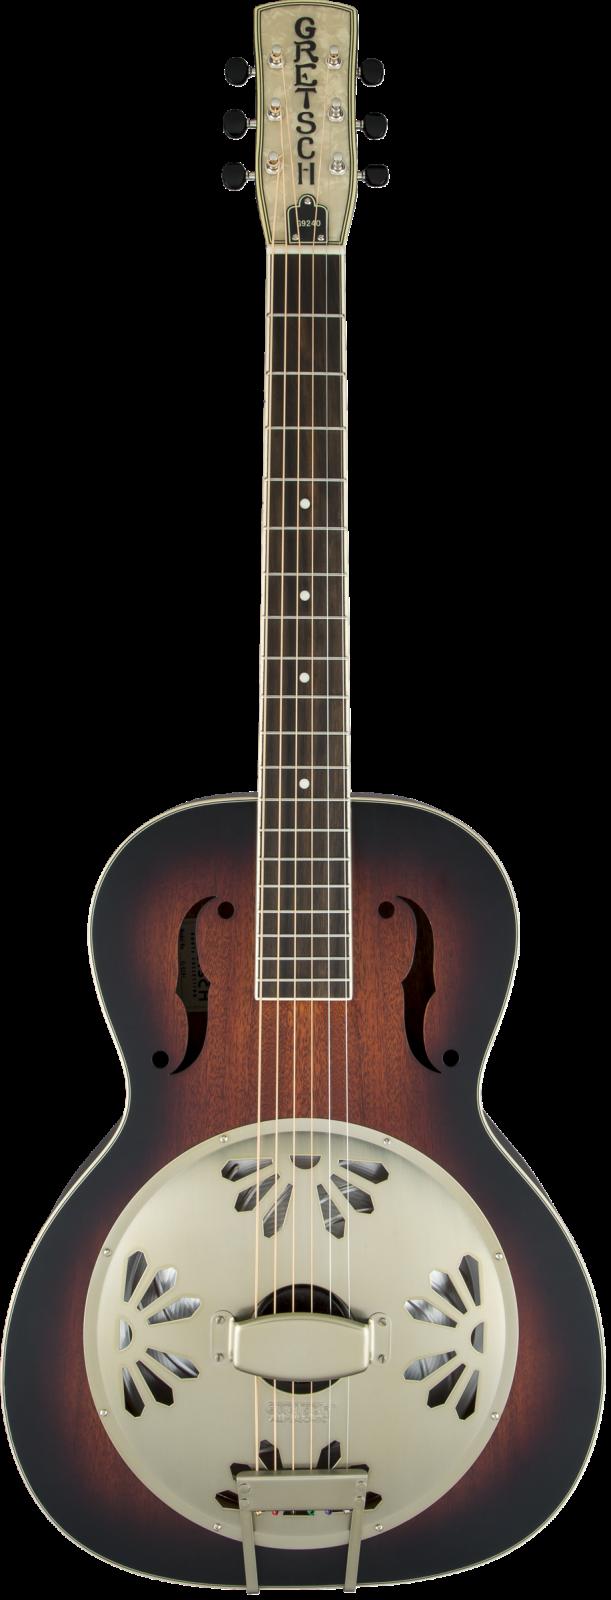 Gretsch G9240 Alligator Round-Neck Resonator Guitar